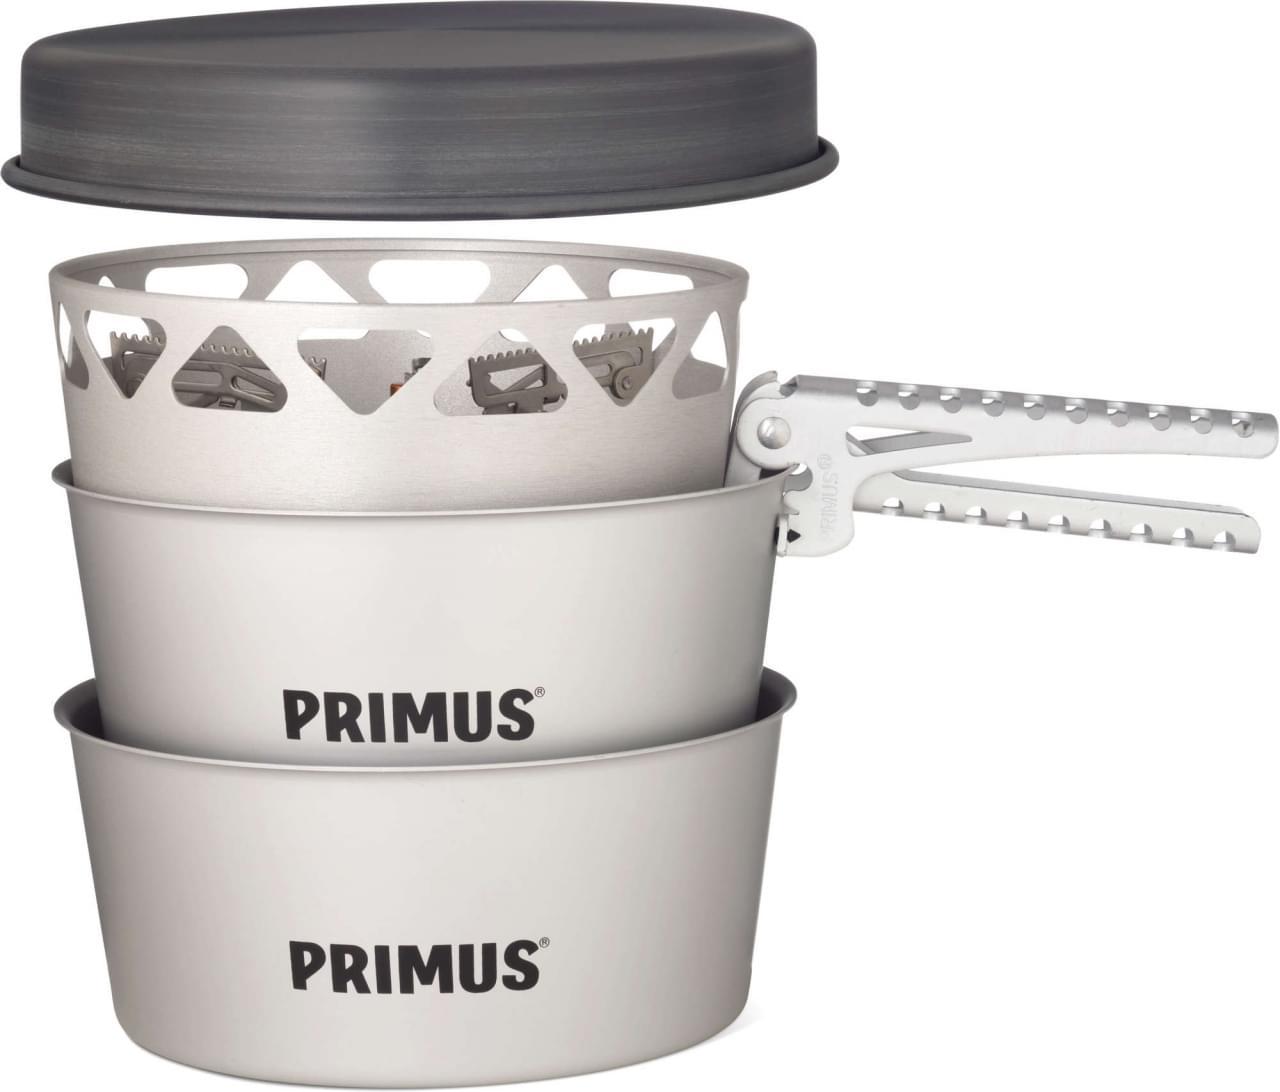 Primus Essential Stove Set 2.3L Pannenset